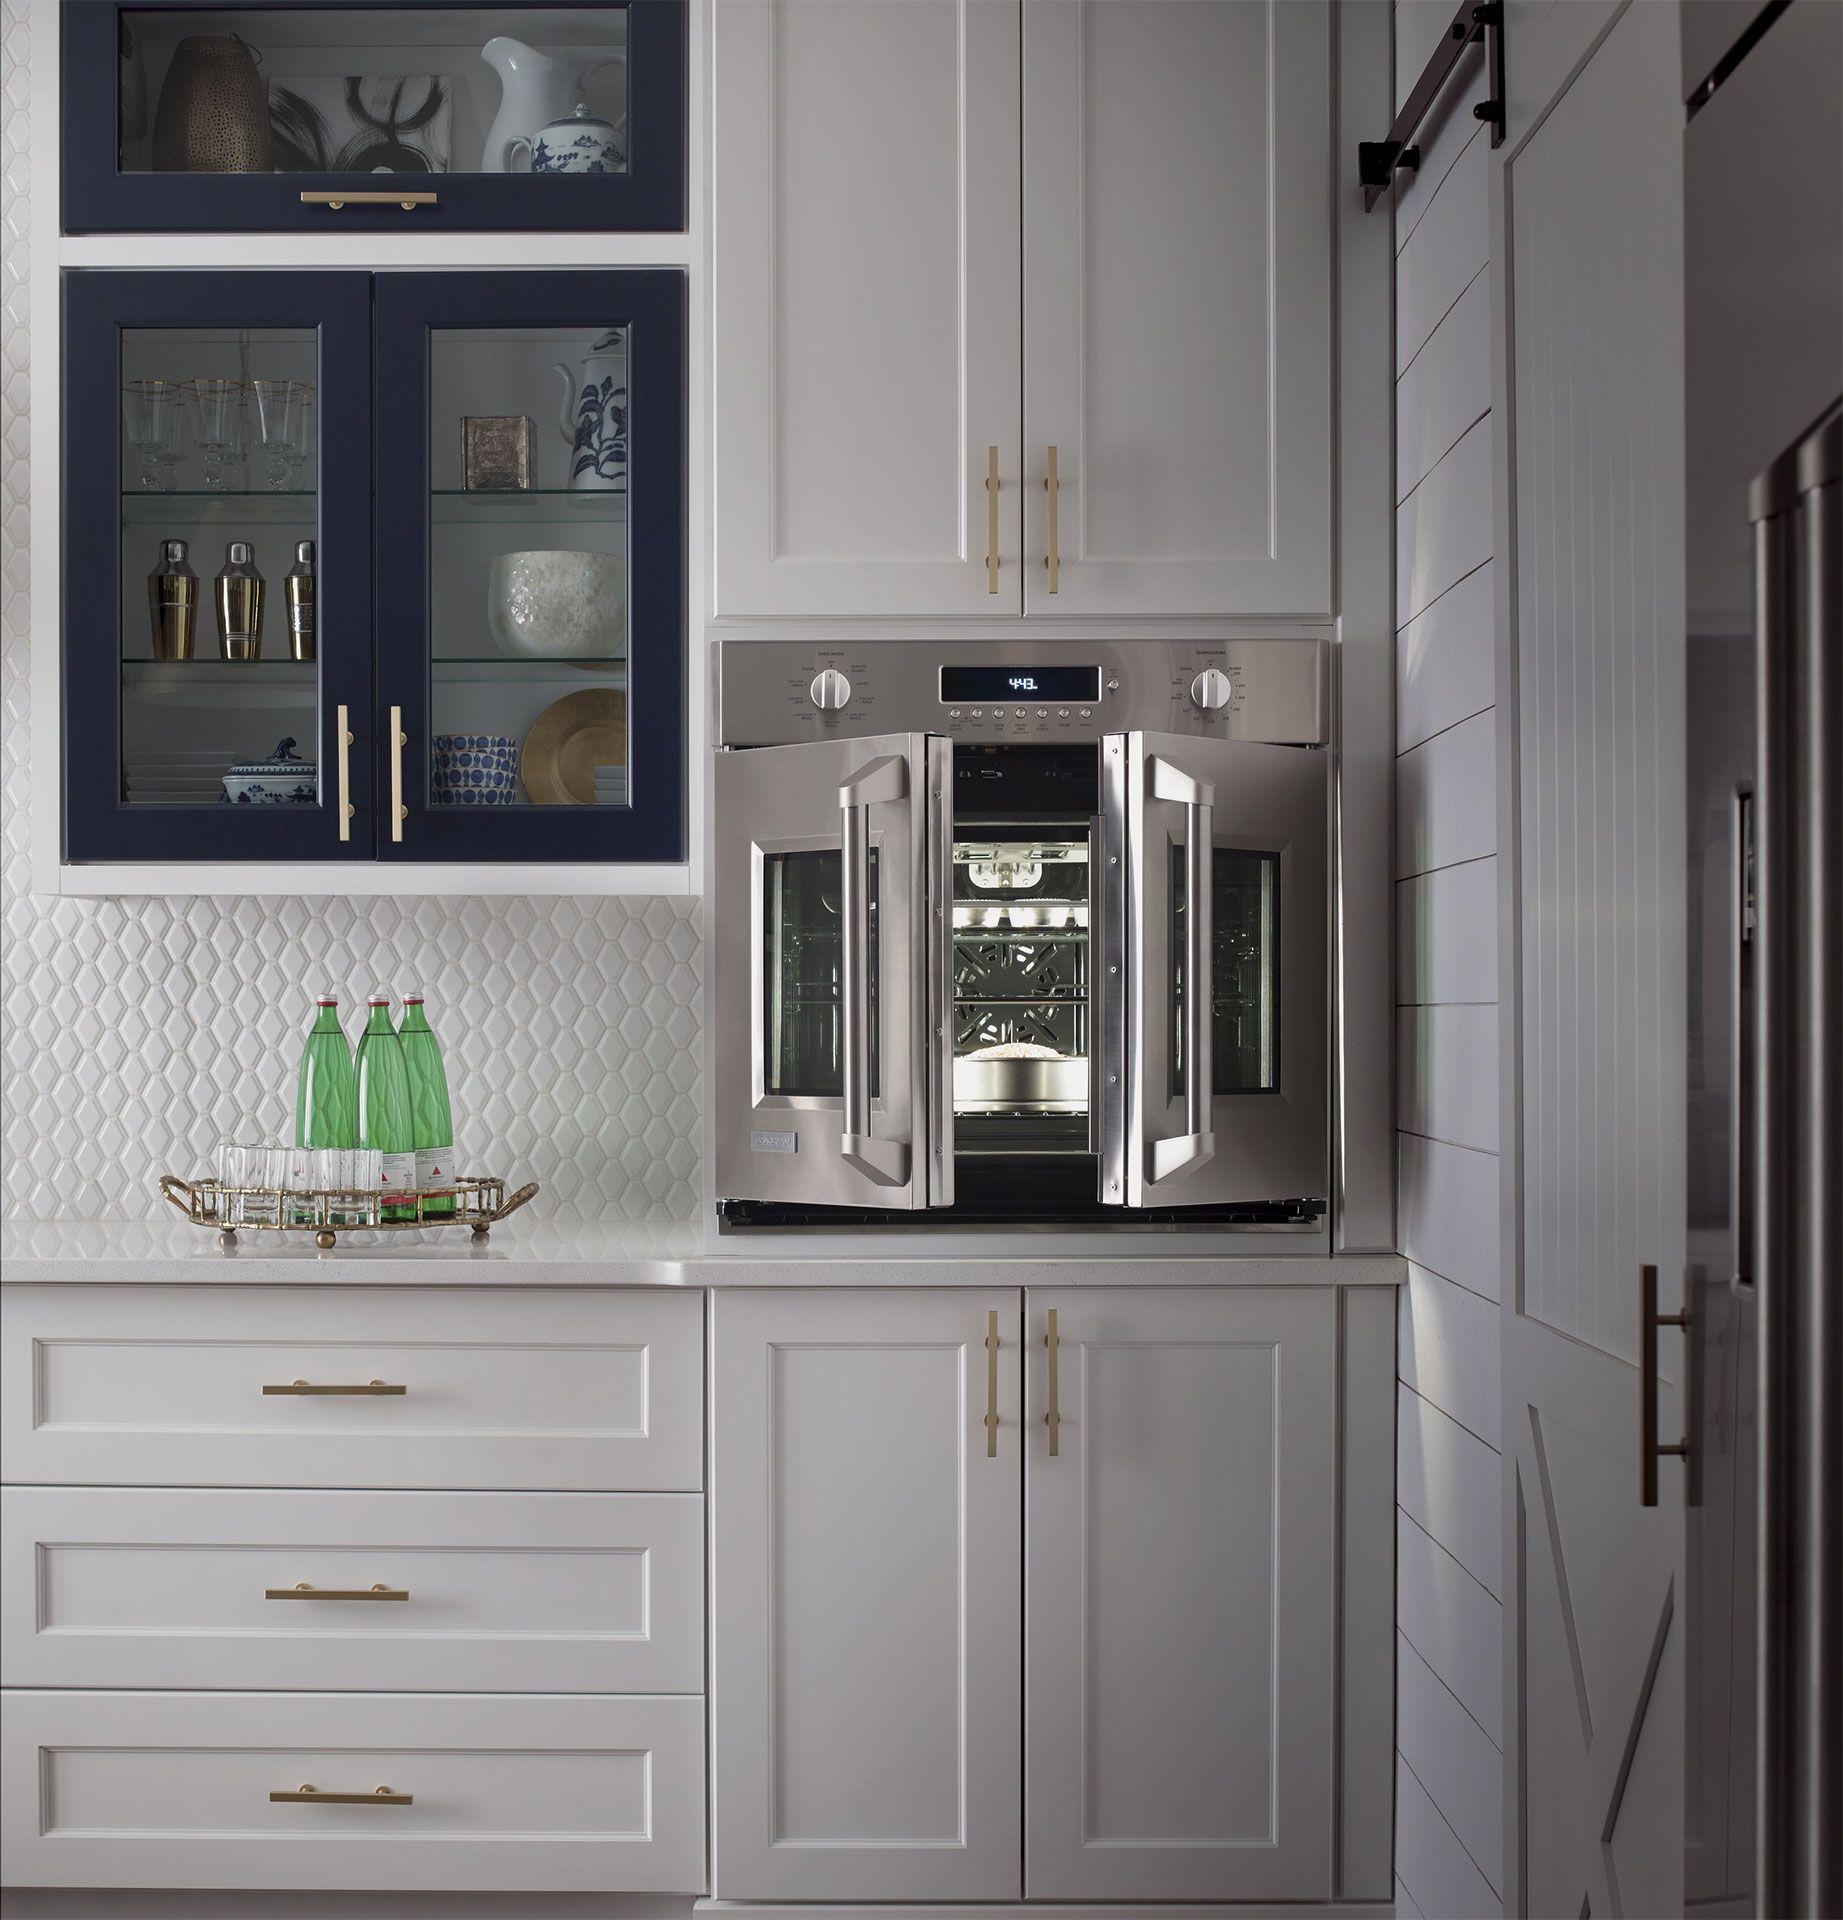 Kitchen Design Photos And Design Ideas Kitchen Design Kitchen Cabinet Design Commercial Kitchen Design